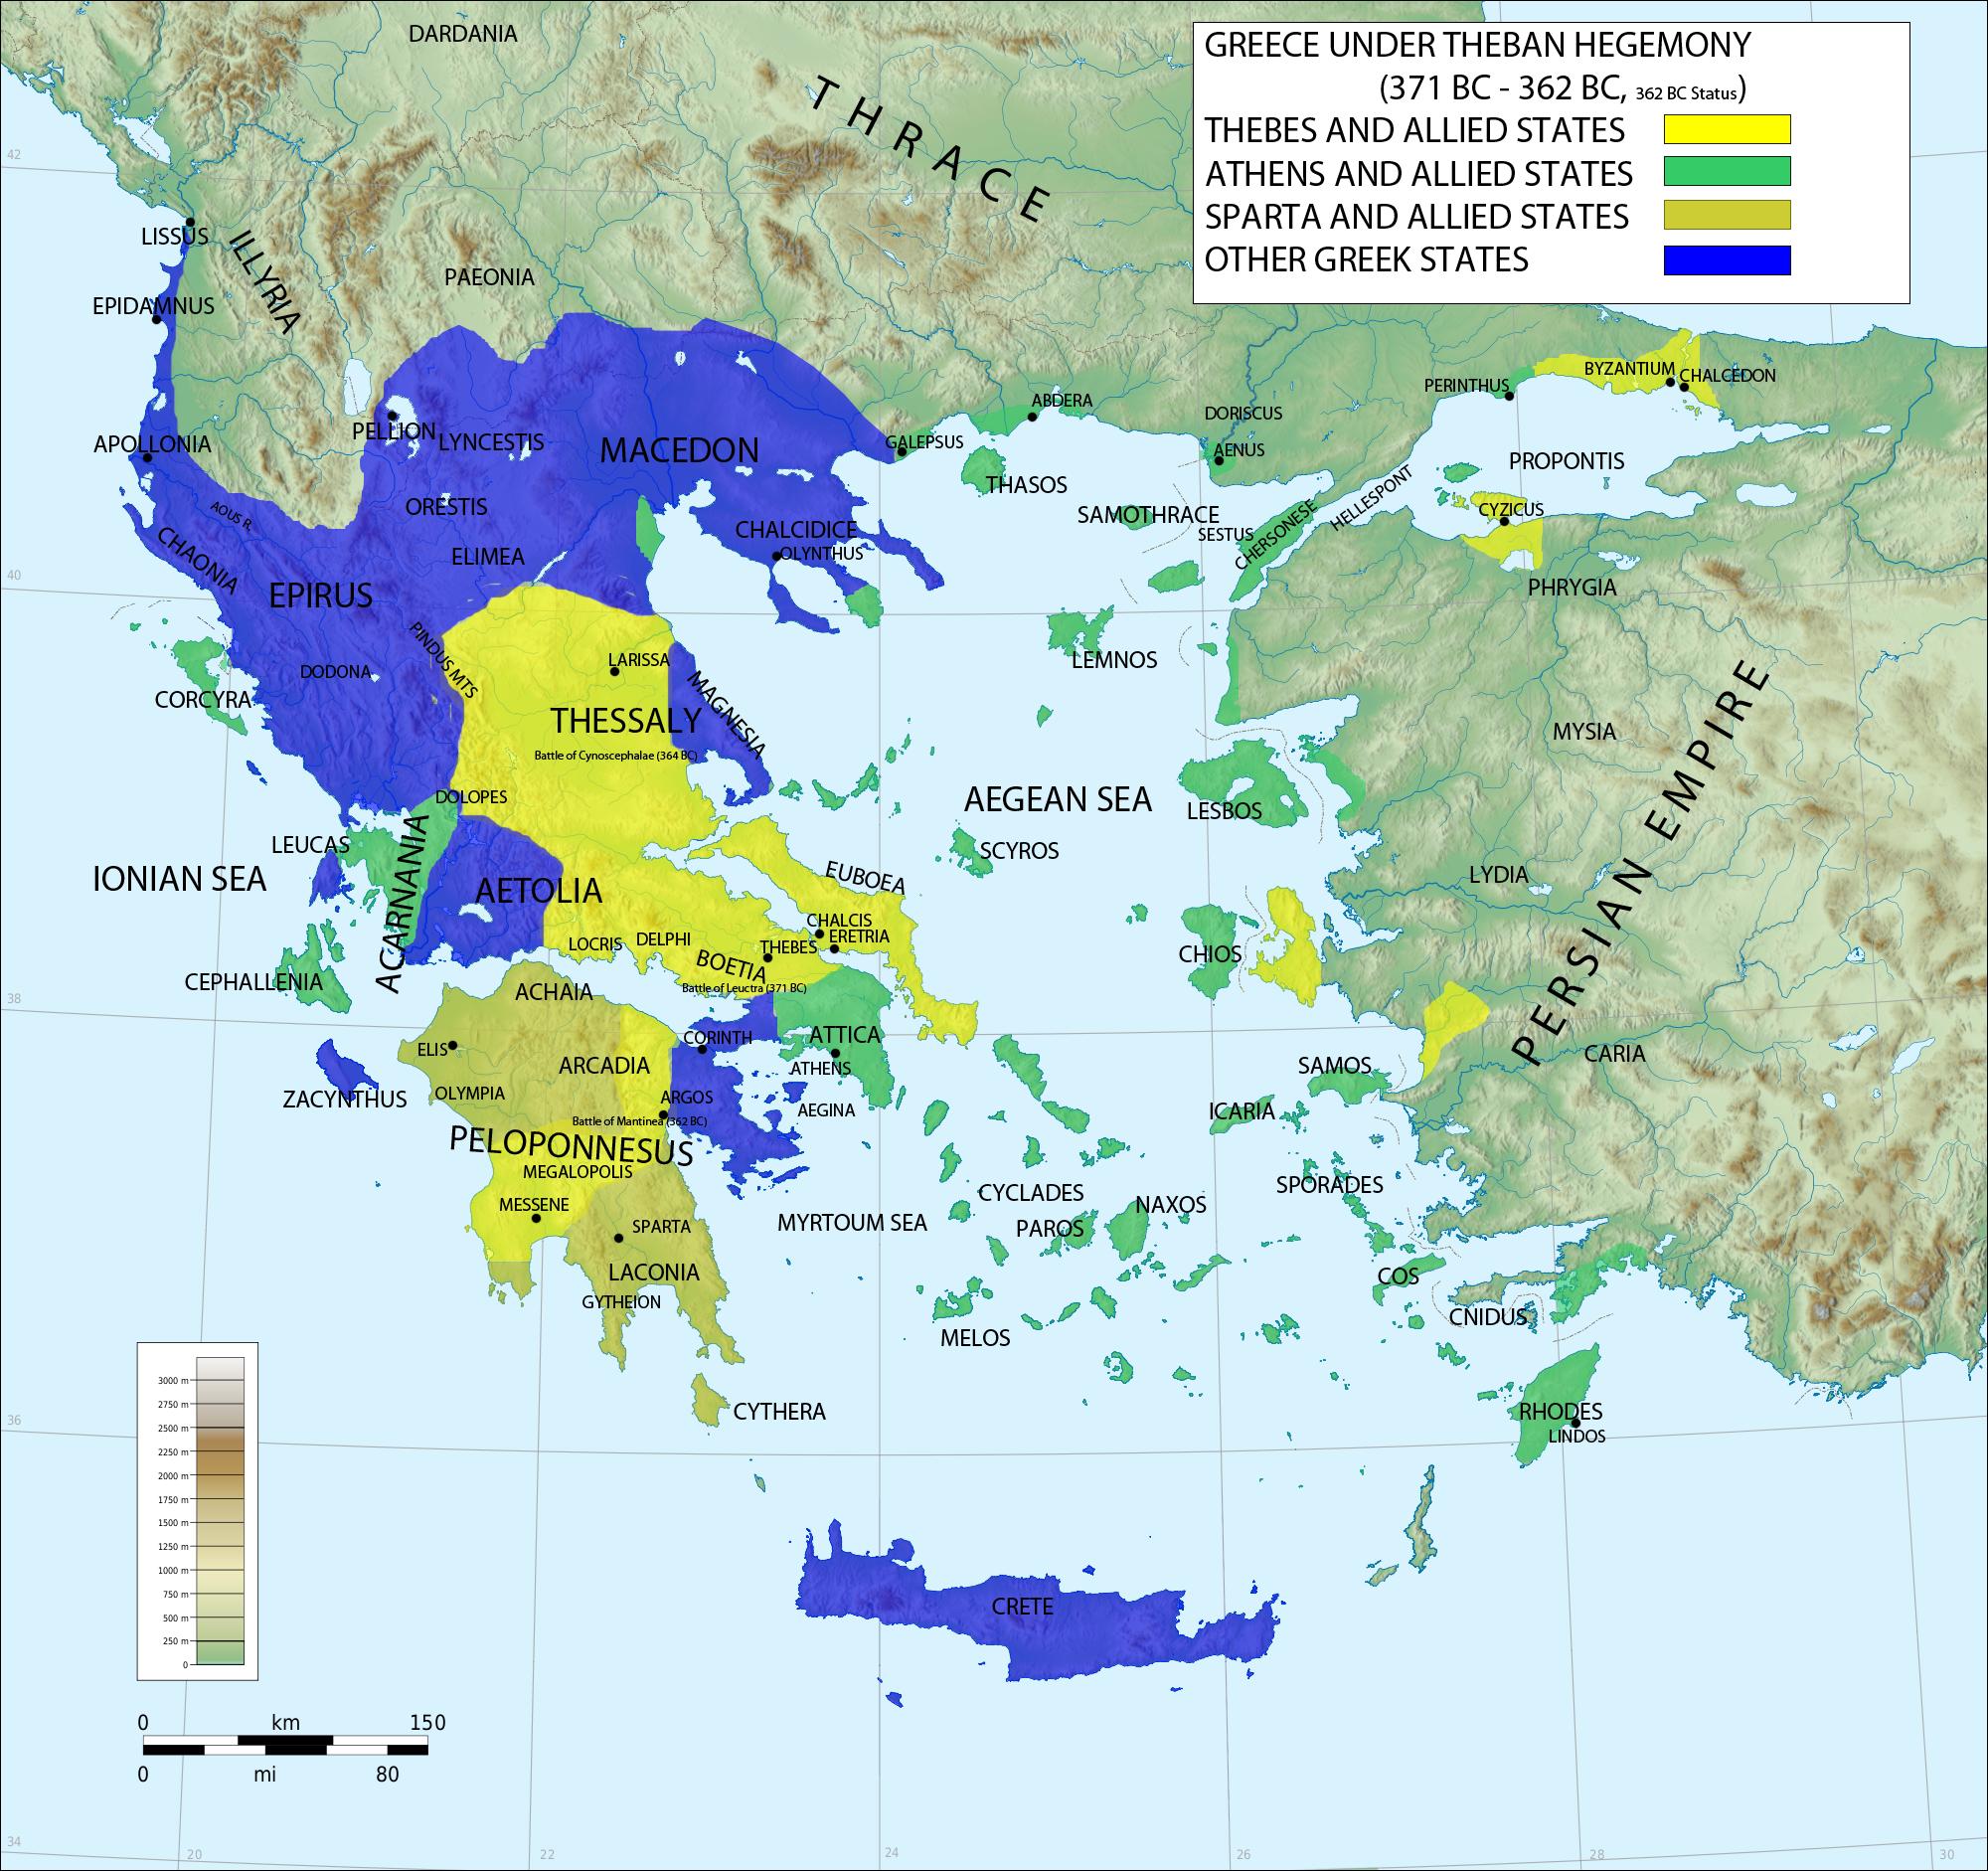 Η δεύτερη μεγάλη μάχη της αρχαιότητας που έγινε γνωστή ως Μάχη της Μαντινείας διεξήχθη περίπου 15 χλμ. βορείως της Τρίπολης το καλοκαίρι του 362 π.Χ. μεταξύ δύο συνασπισμών που είχαν επικεφαλής αντίστοιχα τη Θήβα και τη Σπάρτη, τις δύο τότε ισχυρότερες πόλεις της Ελλάδας, με έπαθλο την ηγεμονία της.